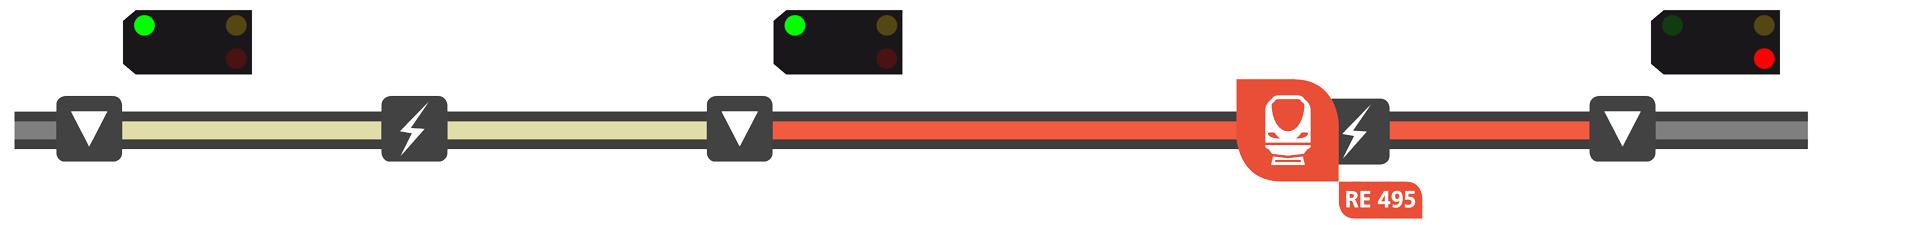 Visualisierung der ALAN Blocksignalisierung - Bild 07 von 18